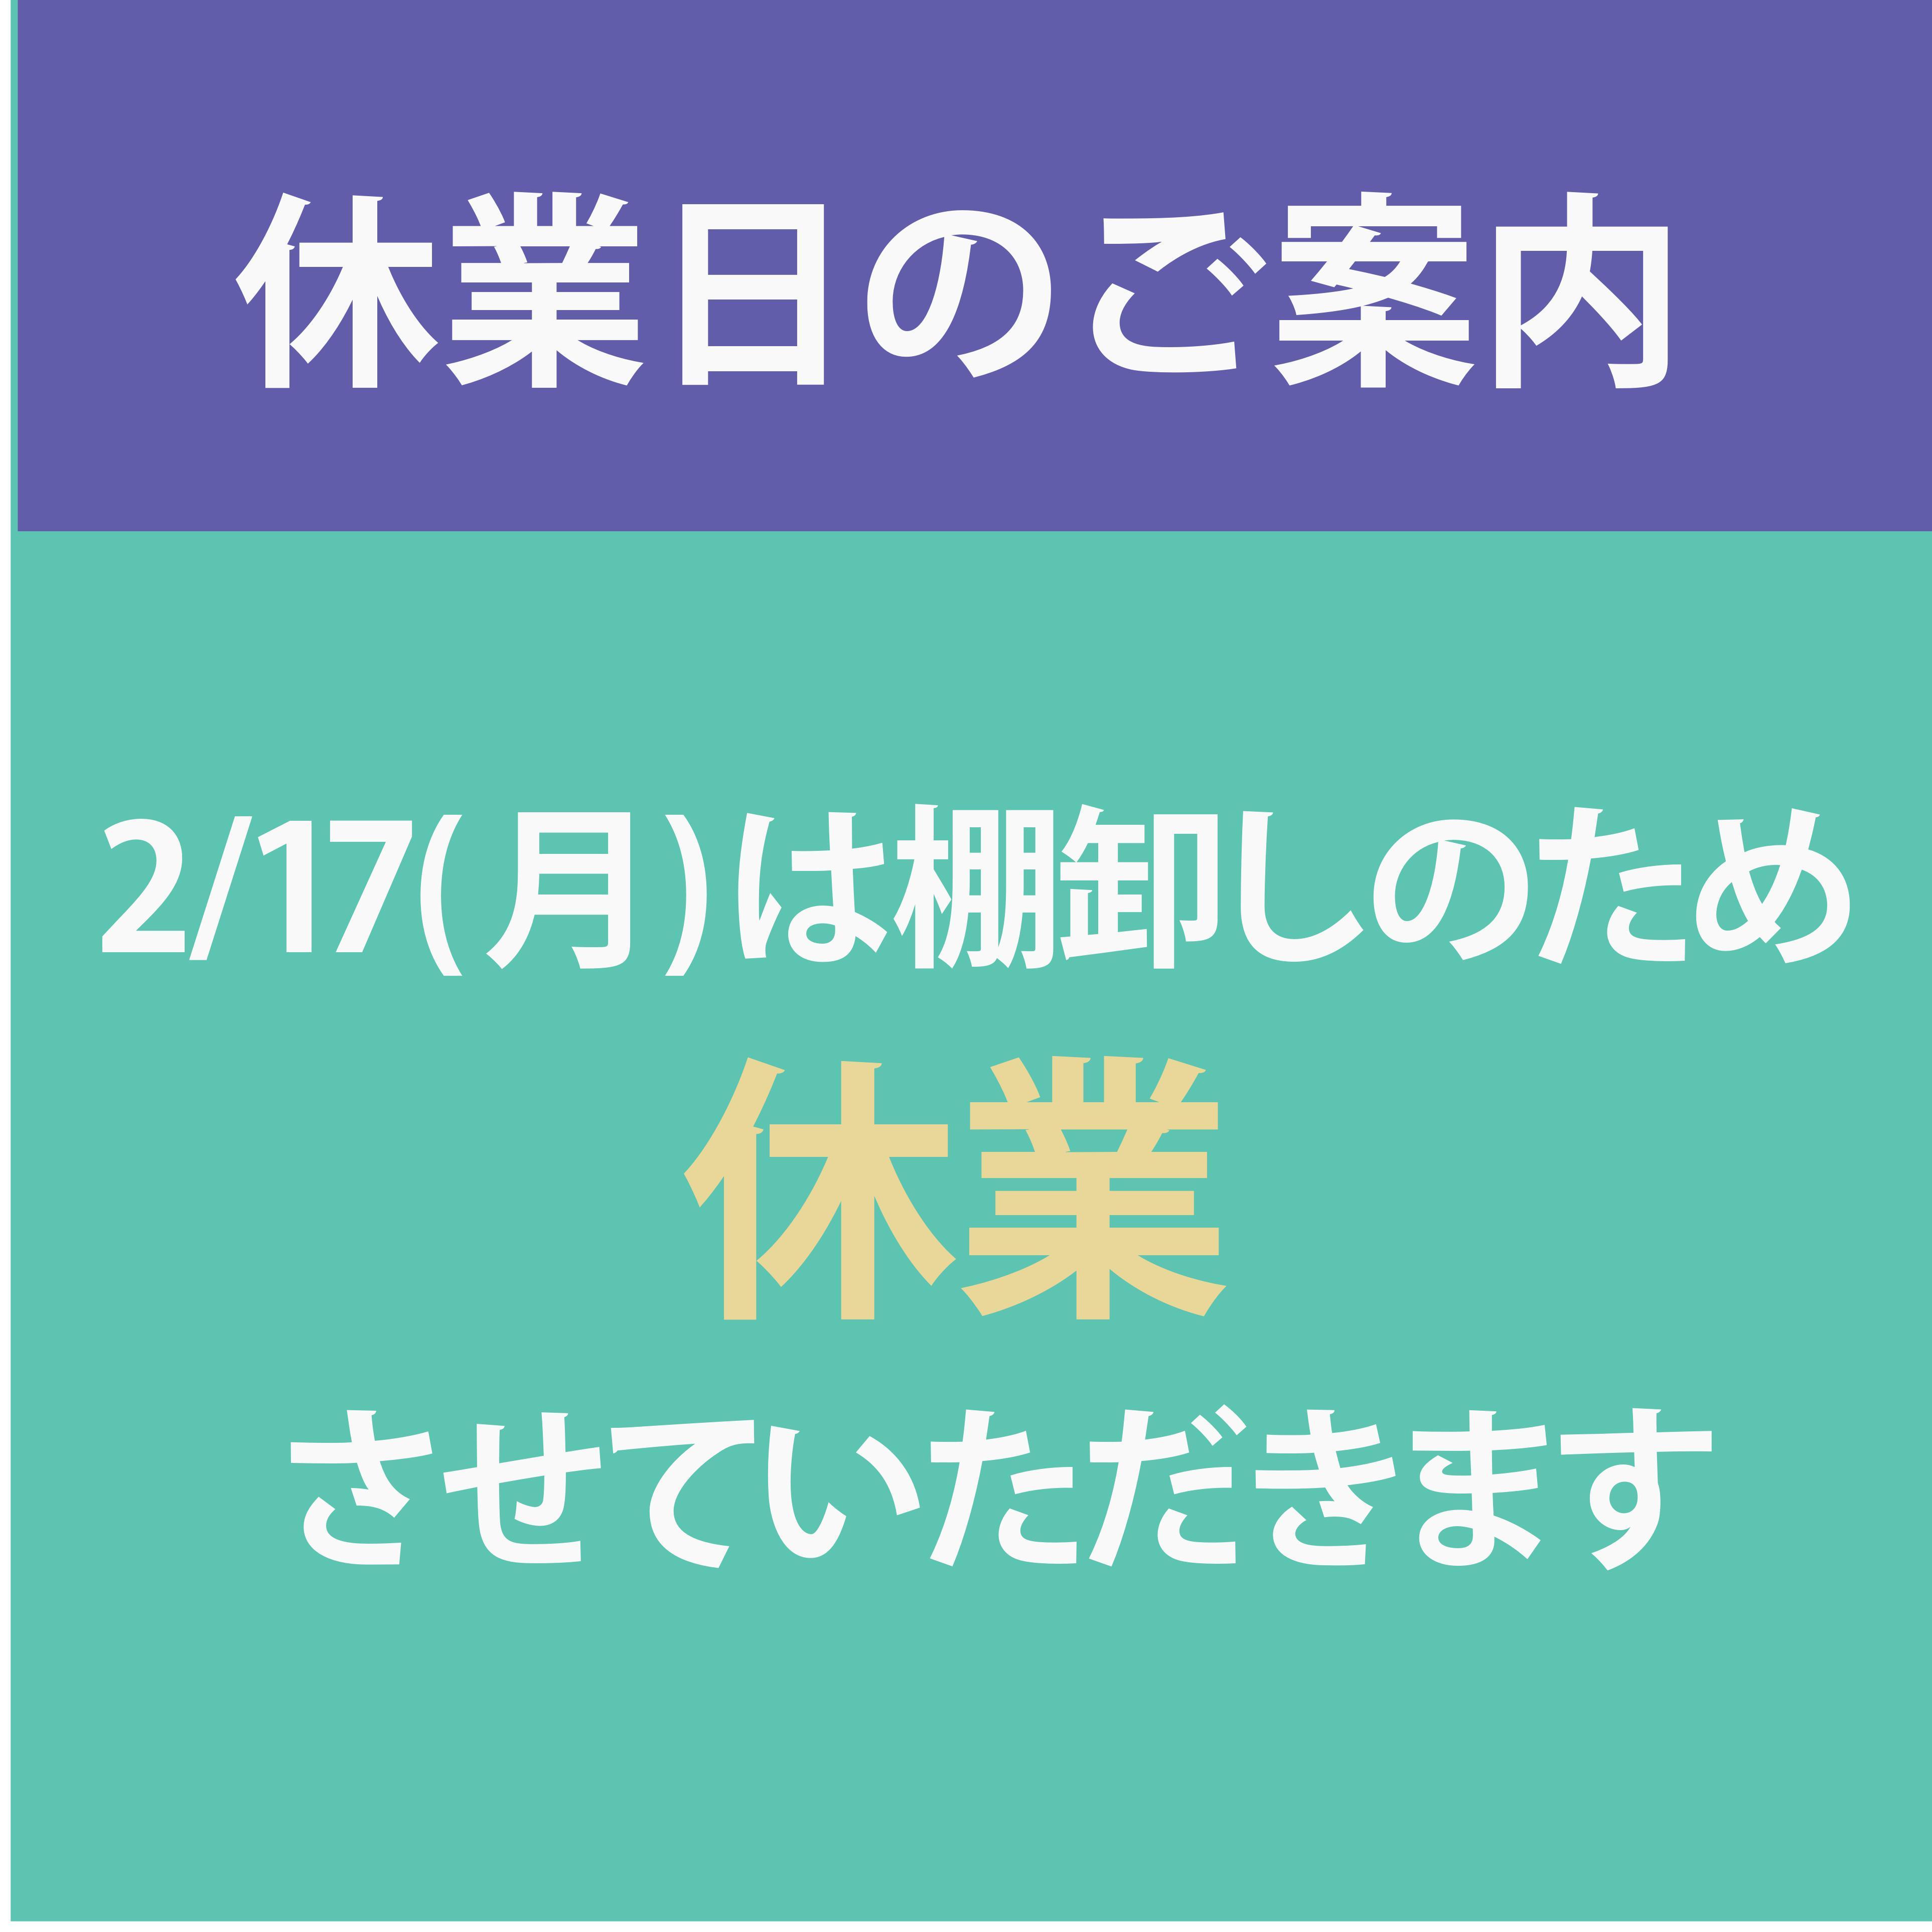 2/17(月)は棚卸のため店休日